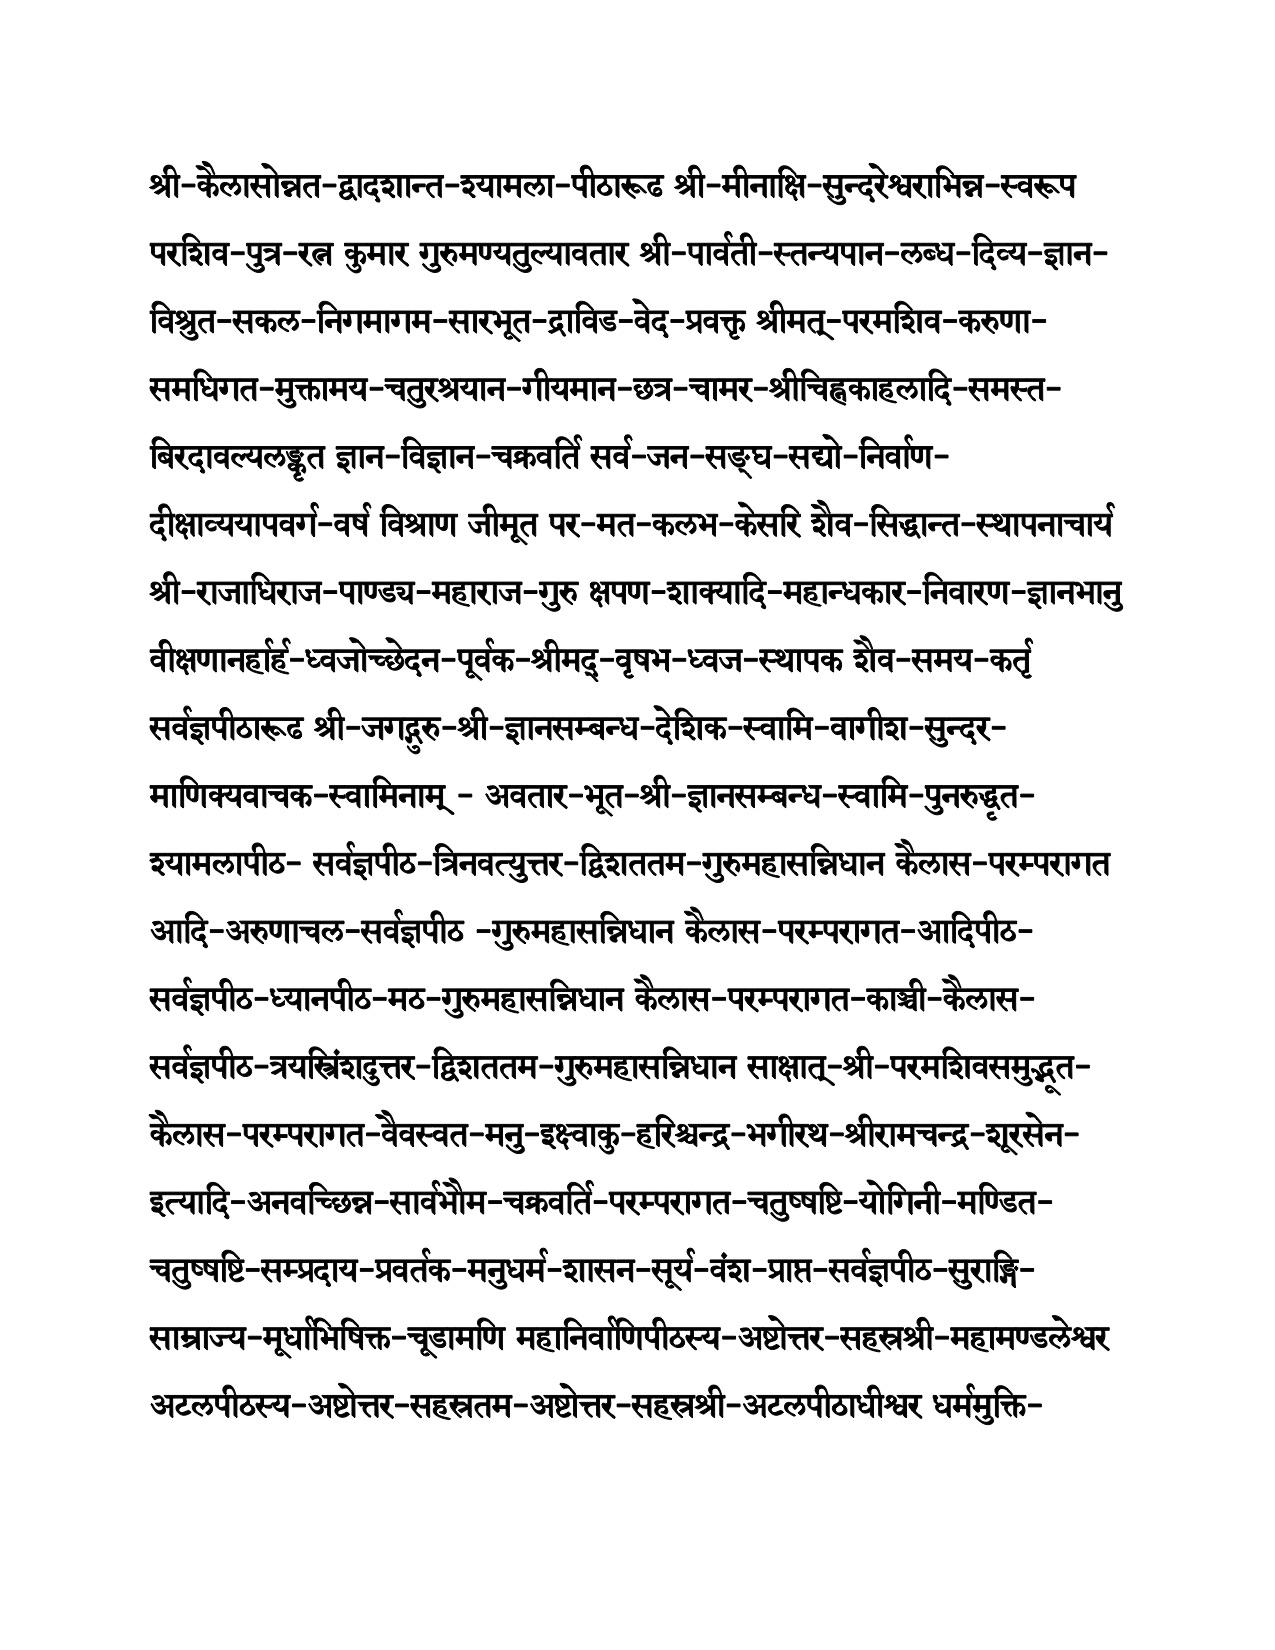 anthem sanskrit 23 Dec